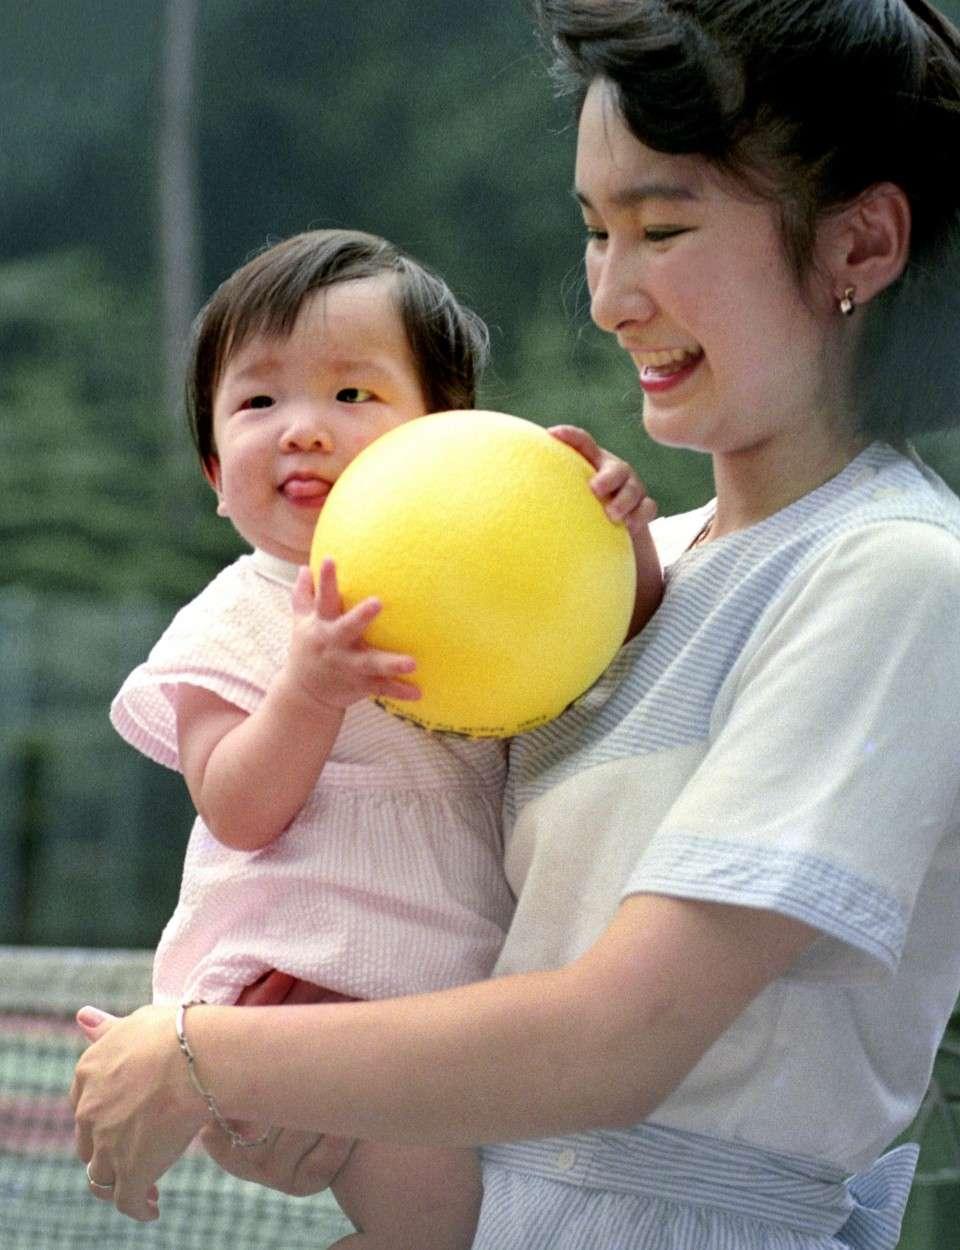 परवरिश की चुनौतियों के चलते मां-बाप बनने से गुरेज